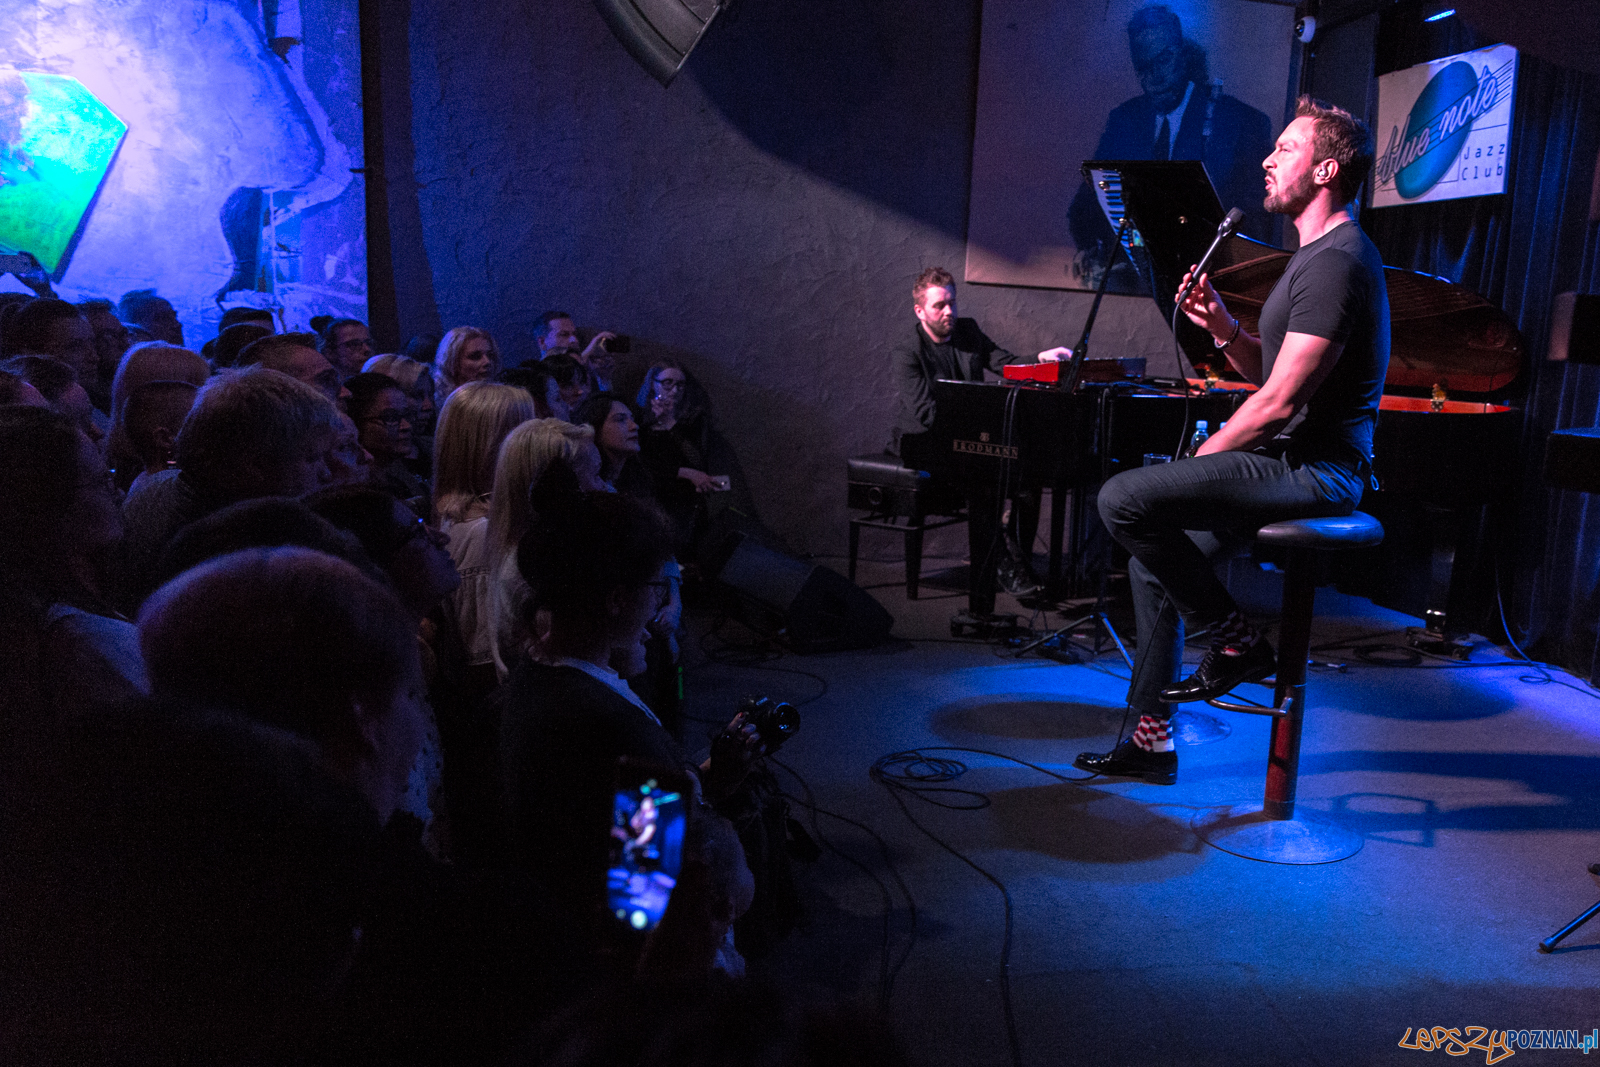 Sławek Uniatowski w klubie Blue Note - Poznań 10.04.2019 r.  Foto: LepszyPOZNAN.pl / Paweł Rychter